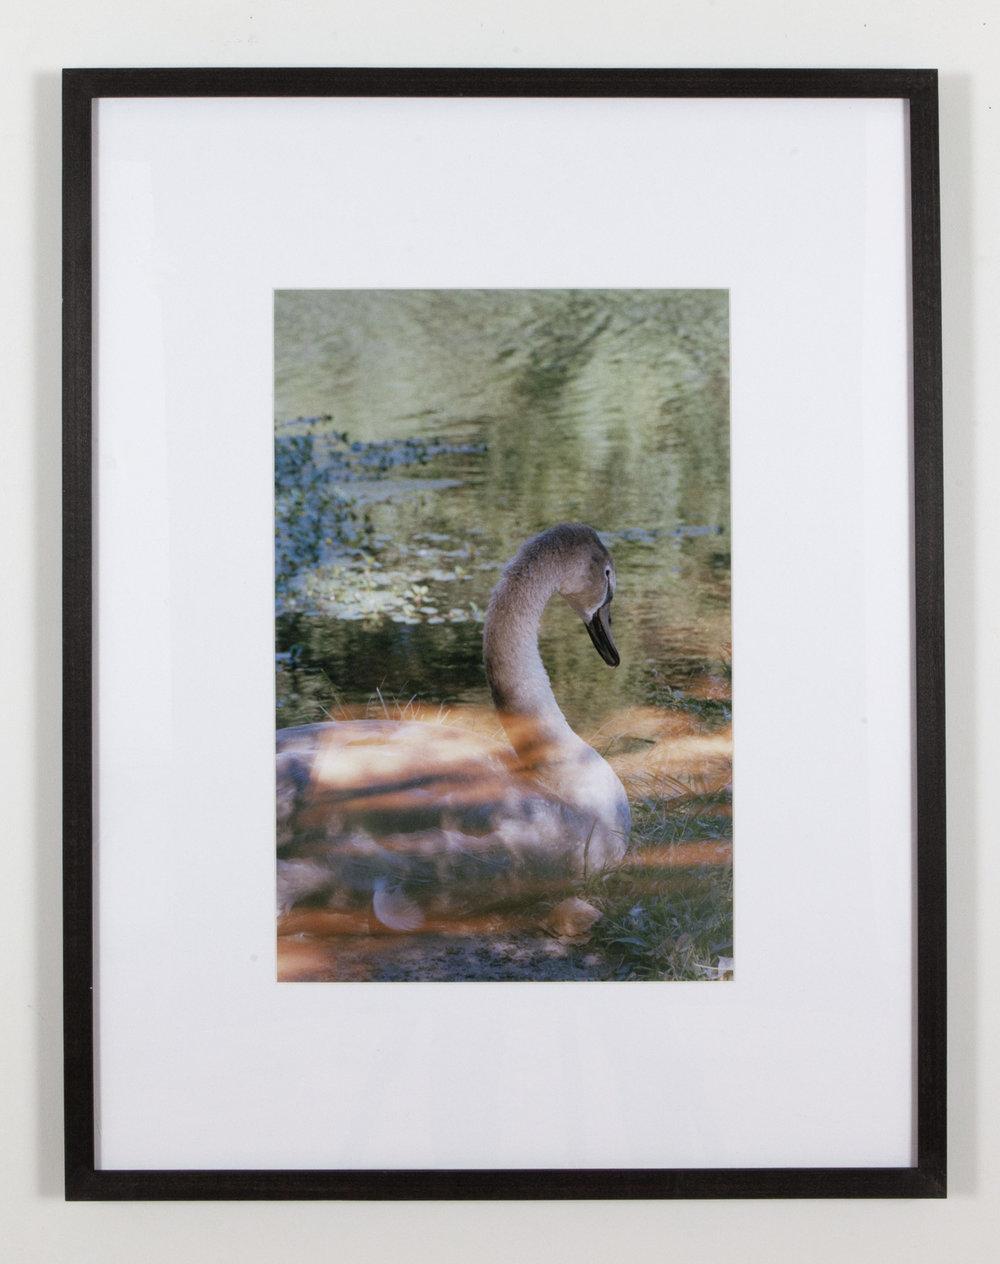 Swan + Light Leak,  2017,  inkjet print, 24 x 30 inches framed